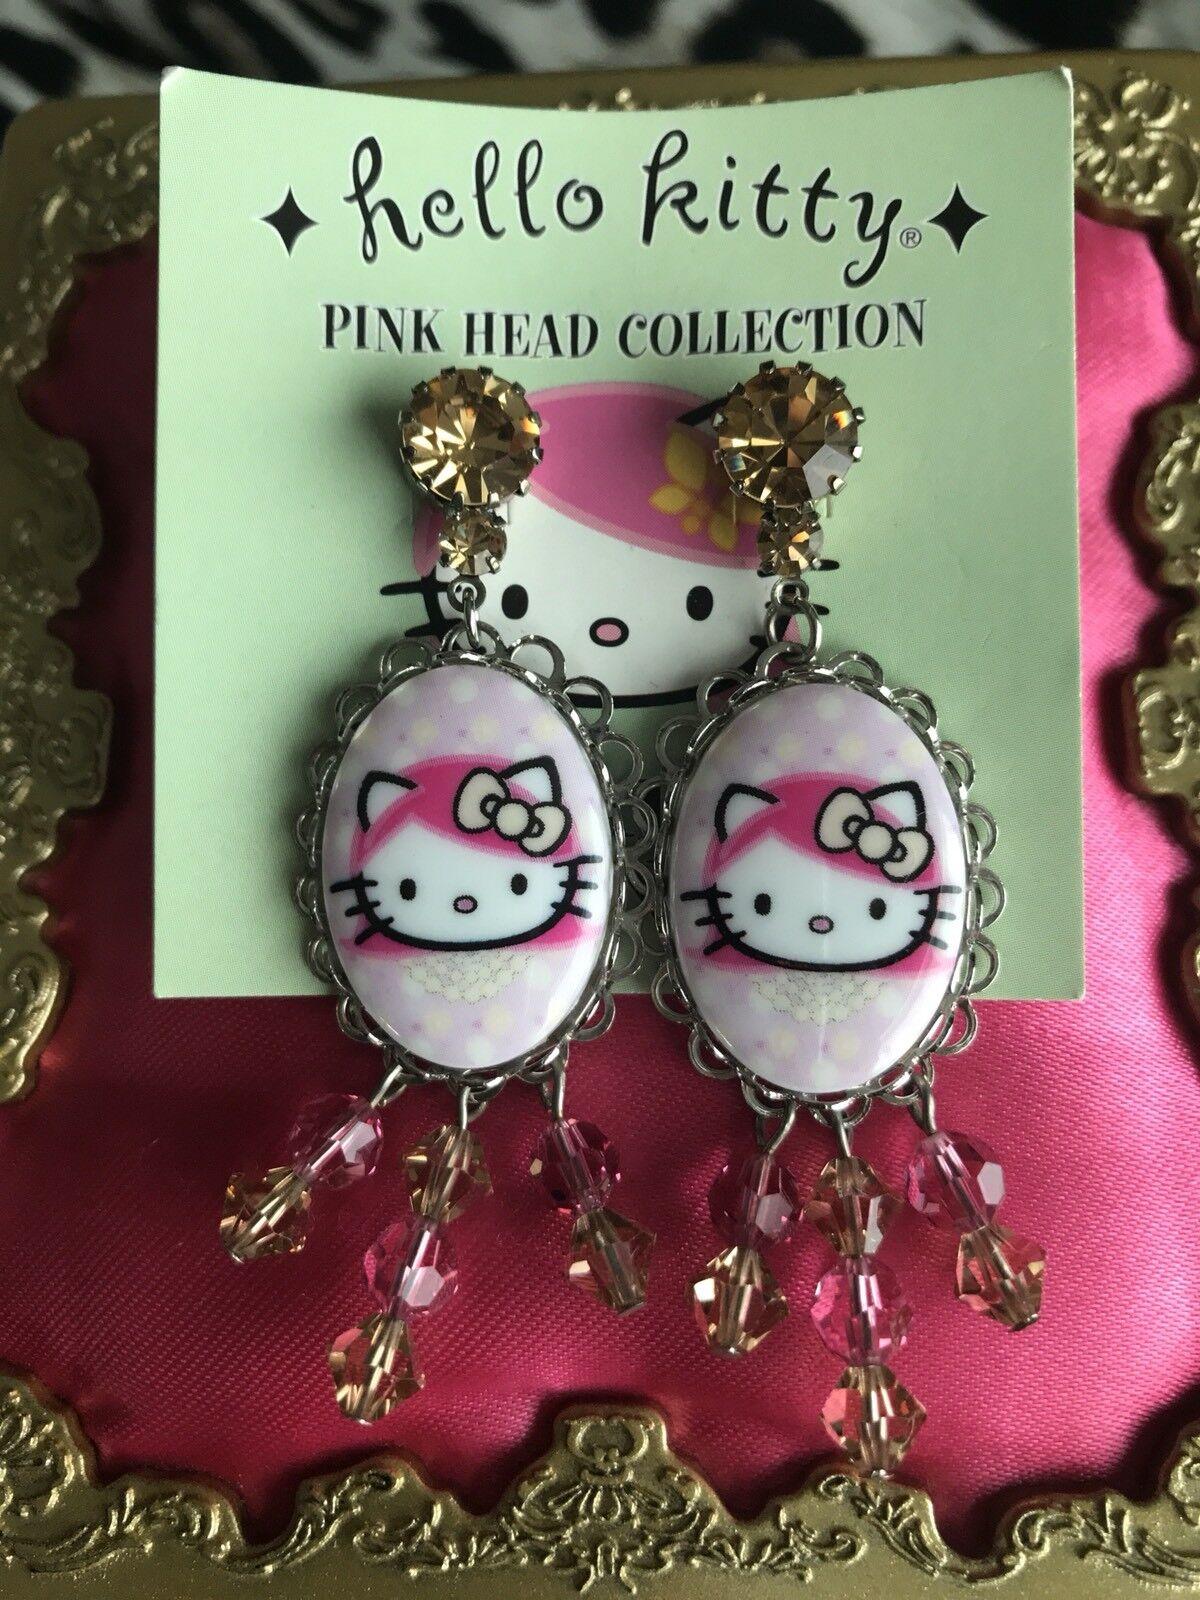 Tarina Tarantino Pink Head Collection Hello Kitty Polka Dot Cameo Earrings RARE